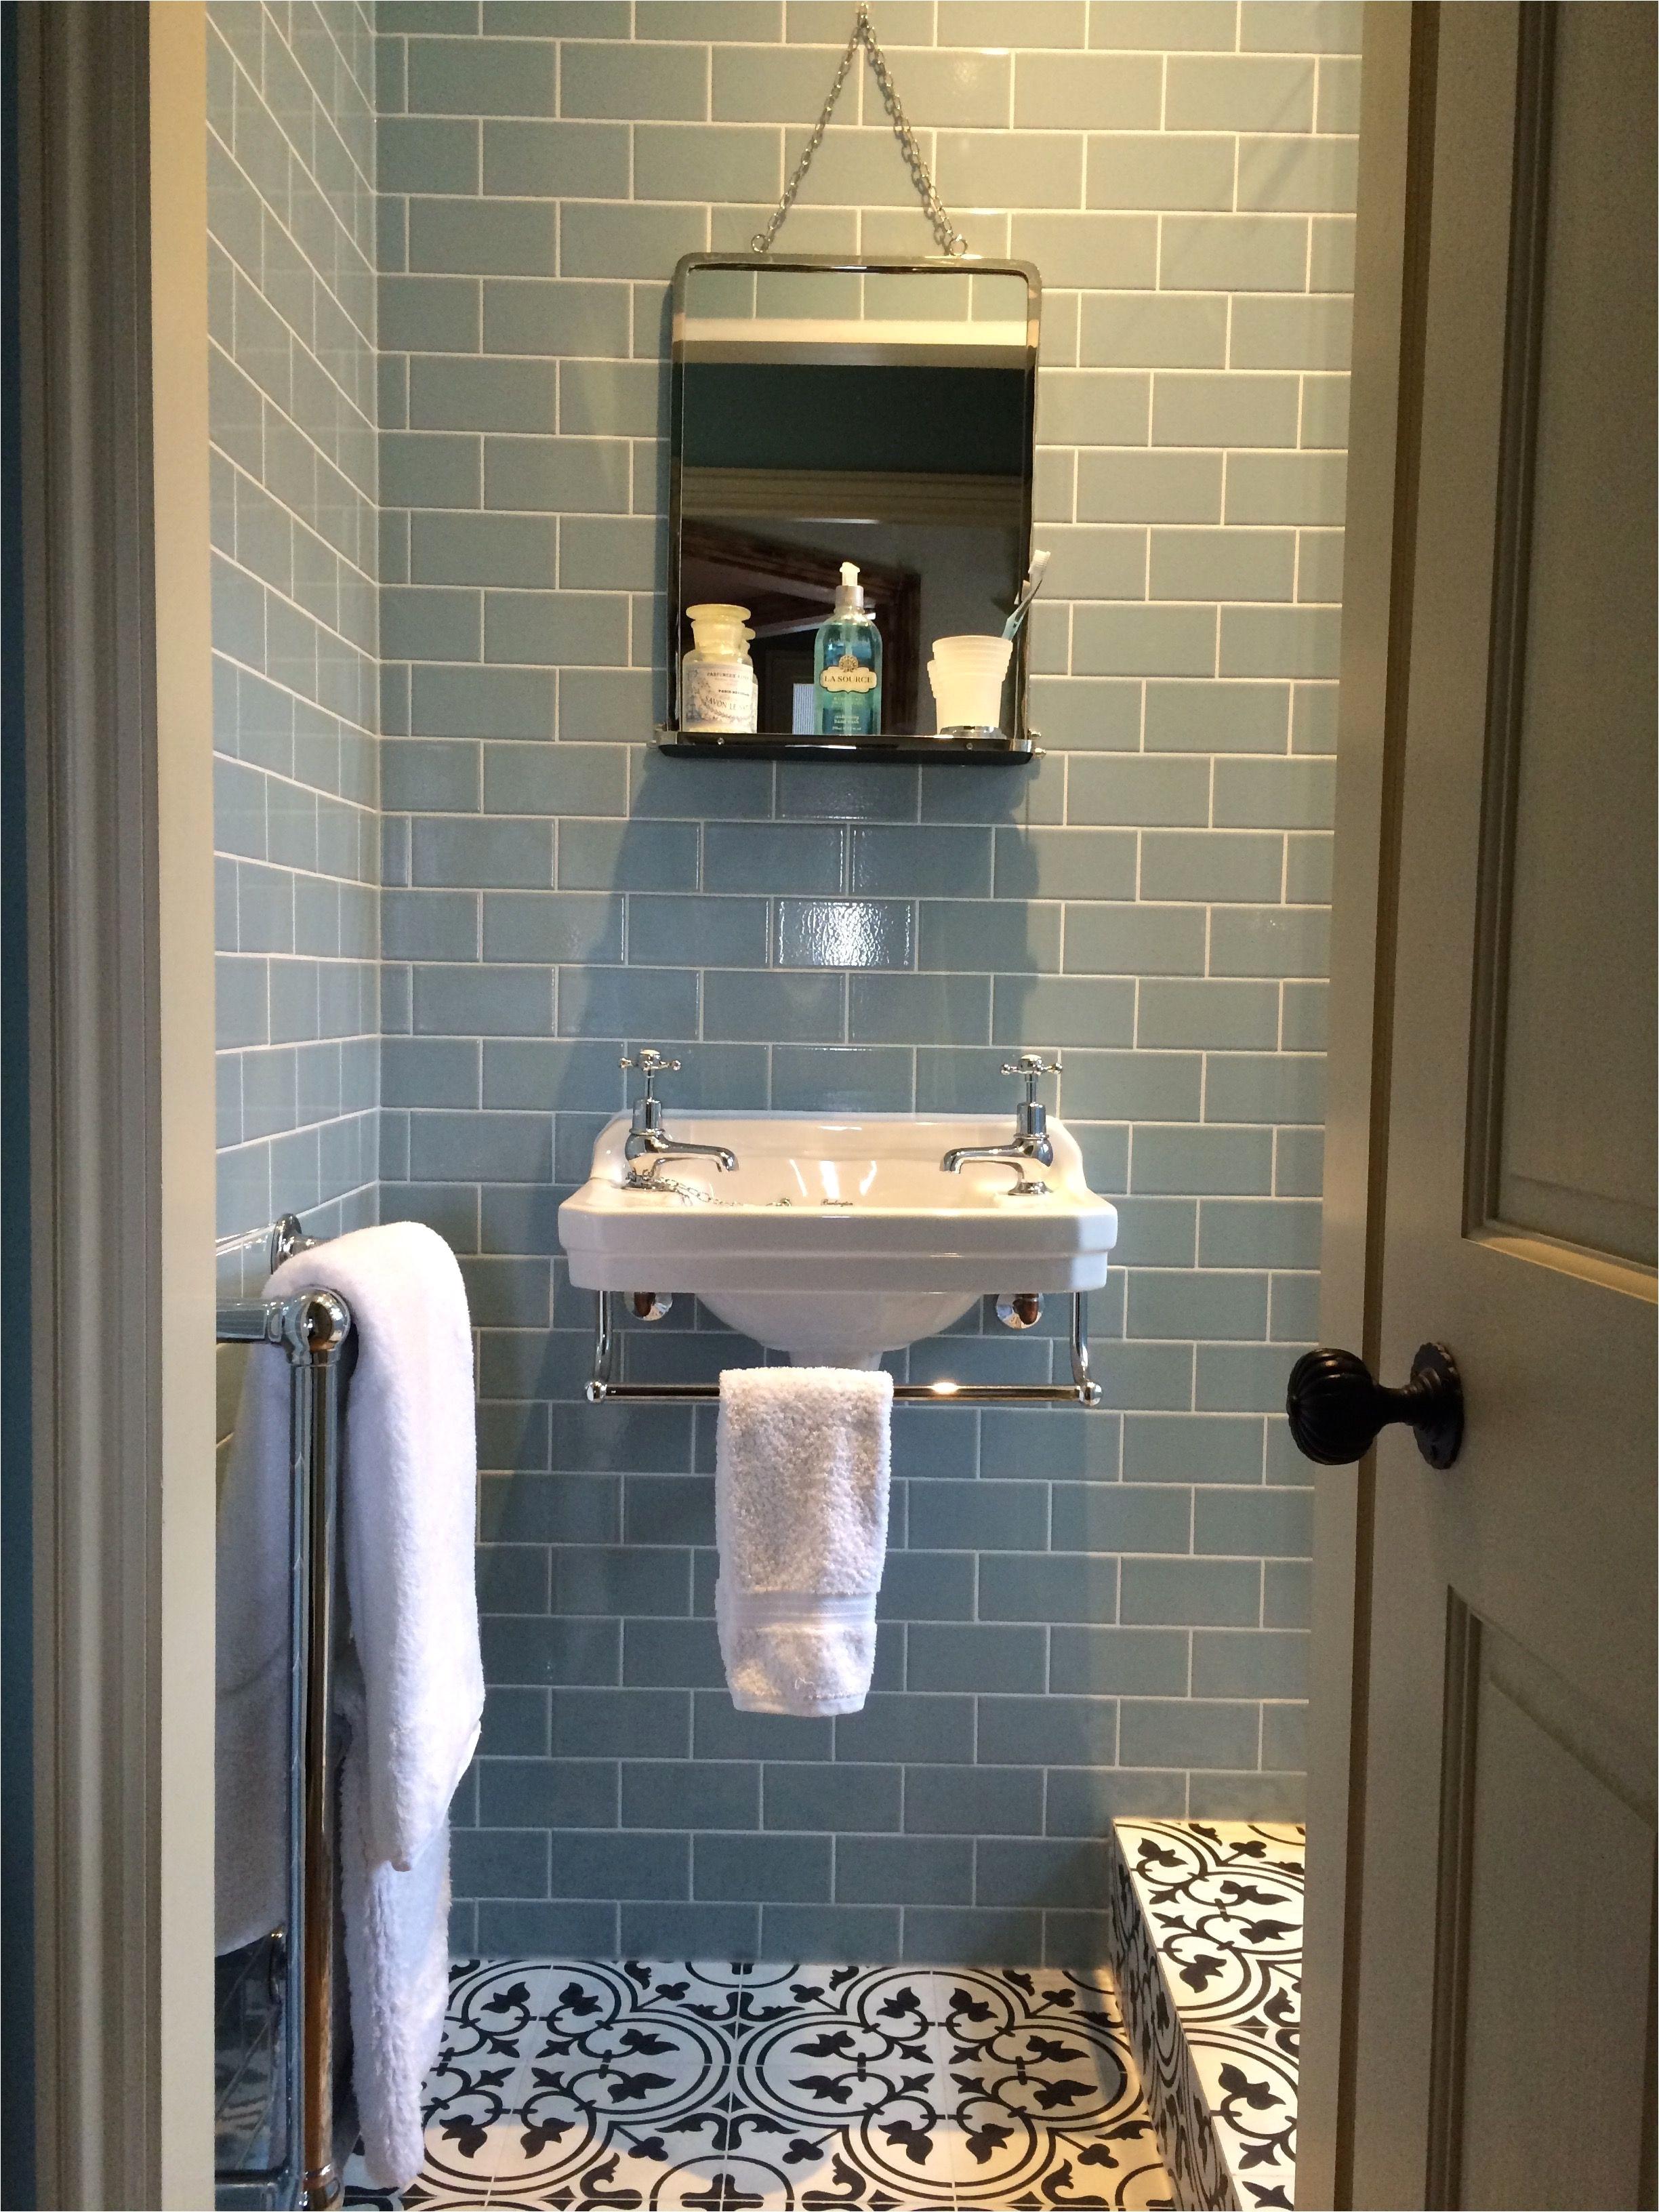 best bathtub faucet set h sink bathroom faucets repair i 0d cool interior rustic bathroom